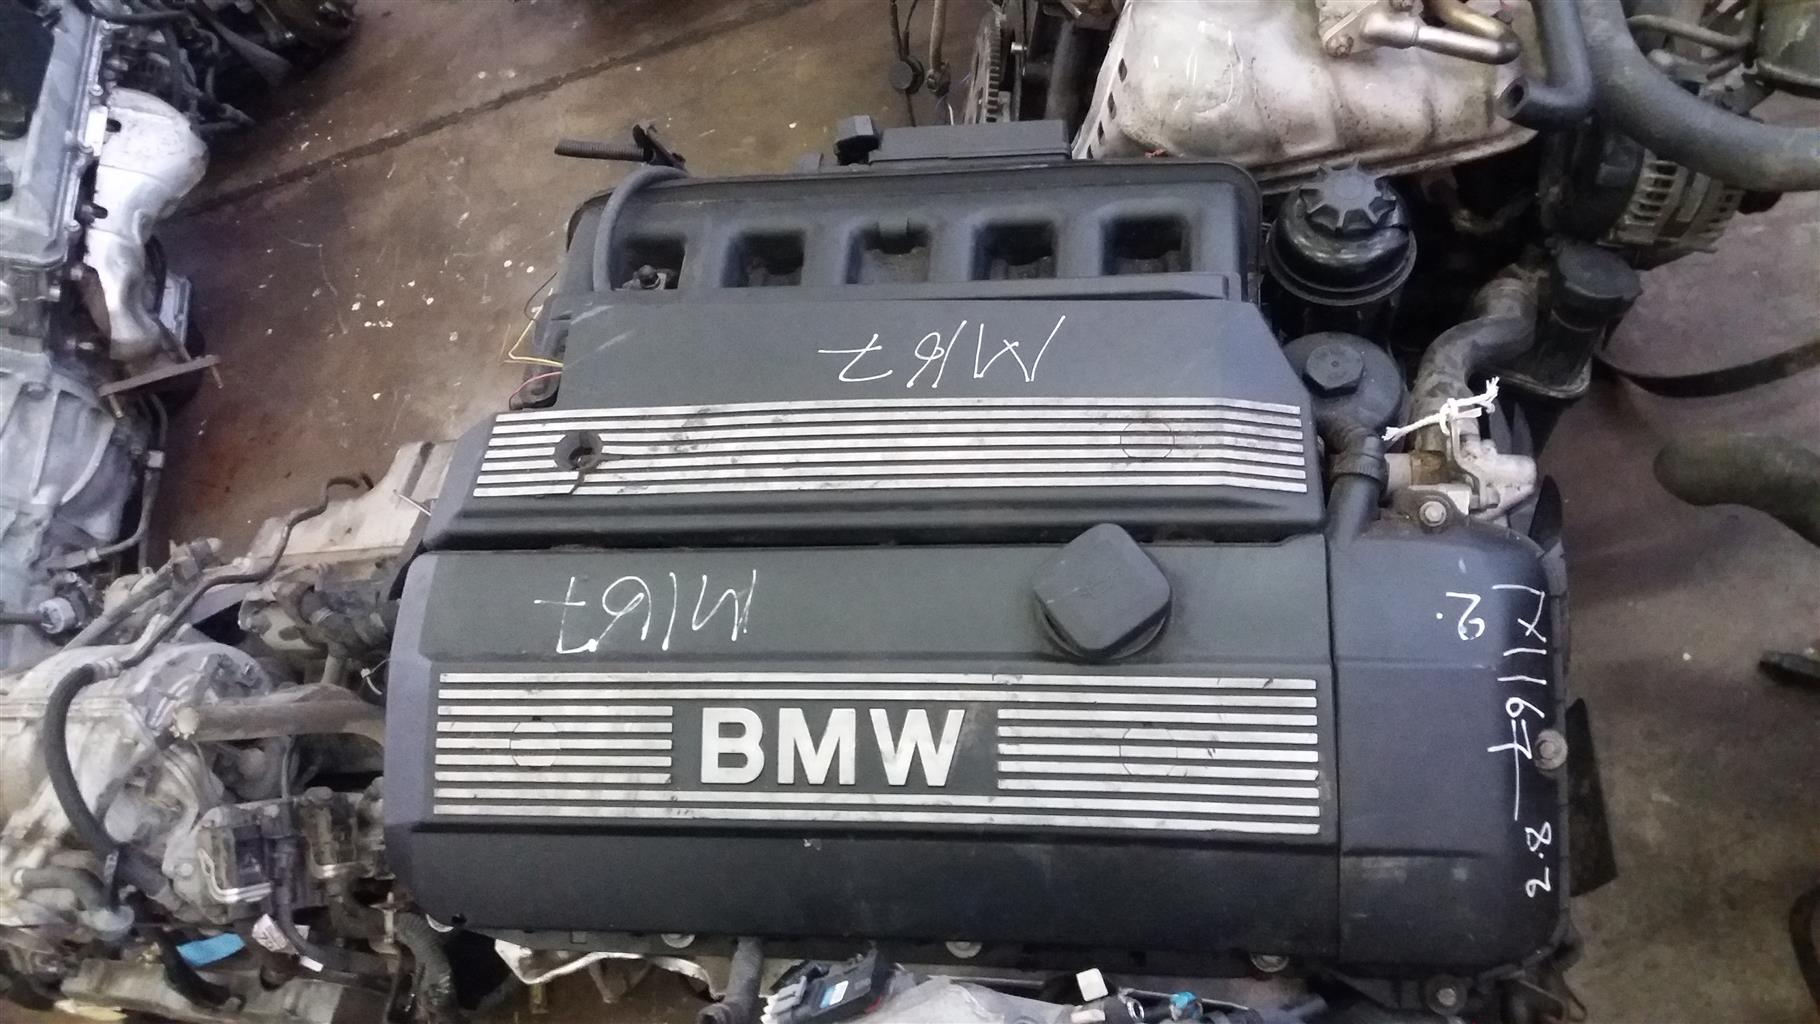 BMW 328i Double Vanos Engine # 286S2